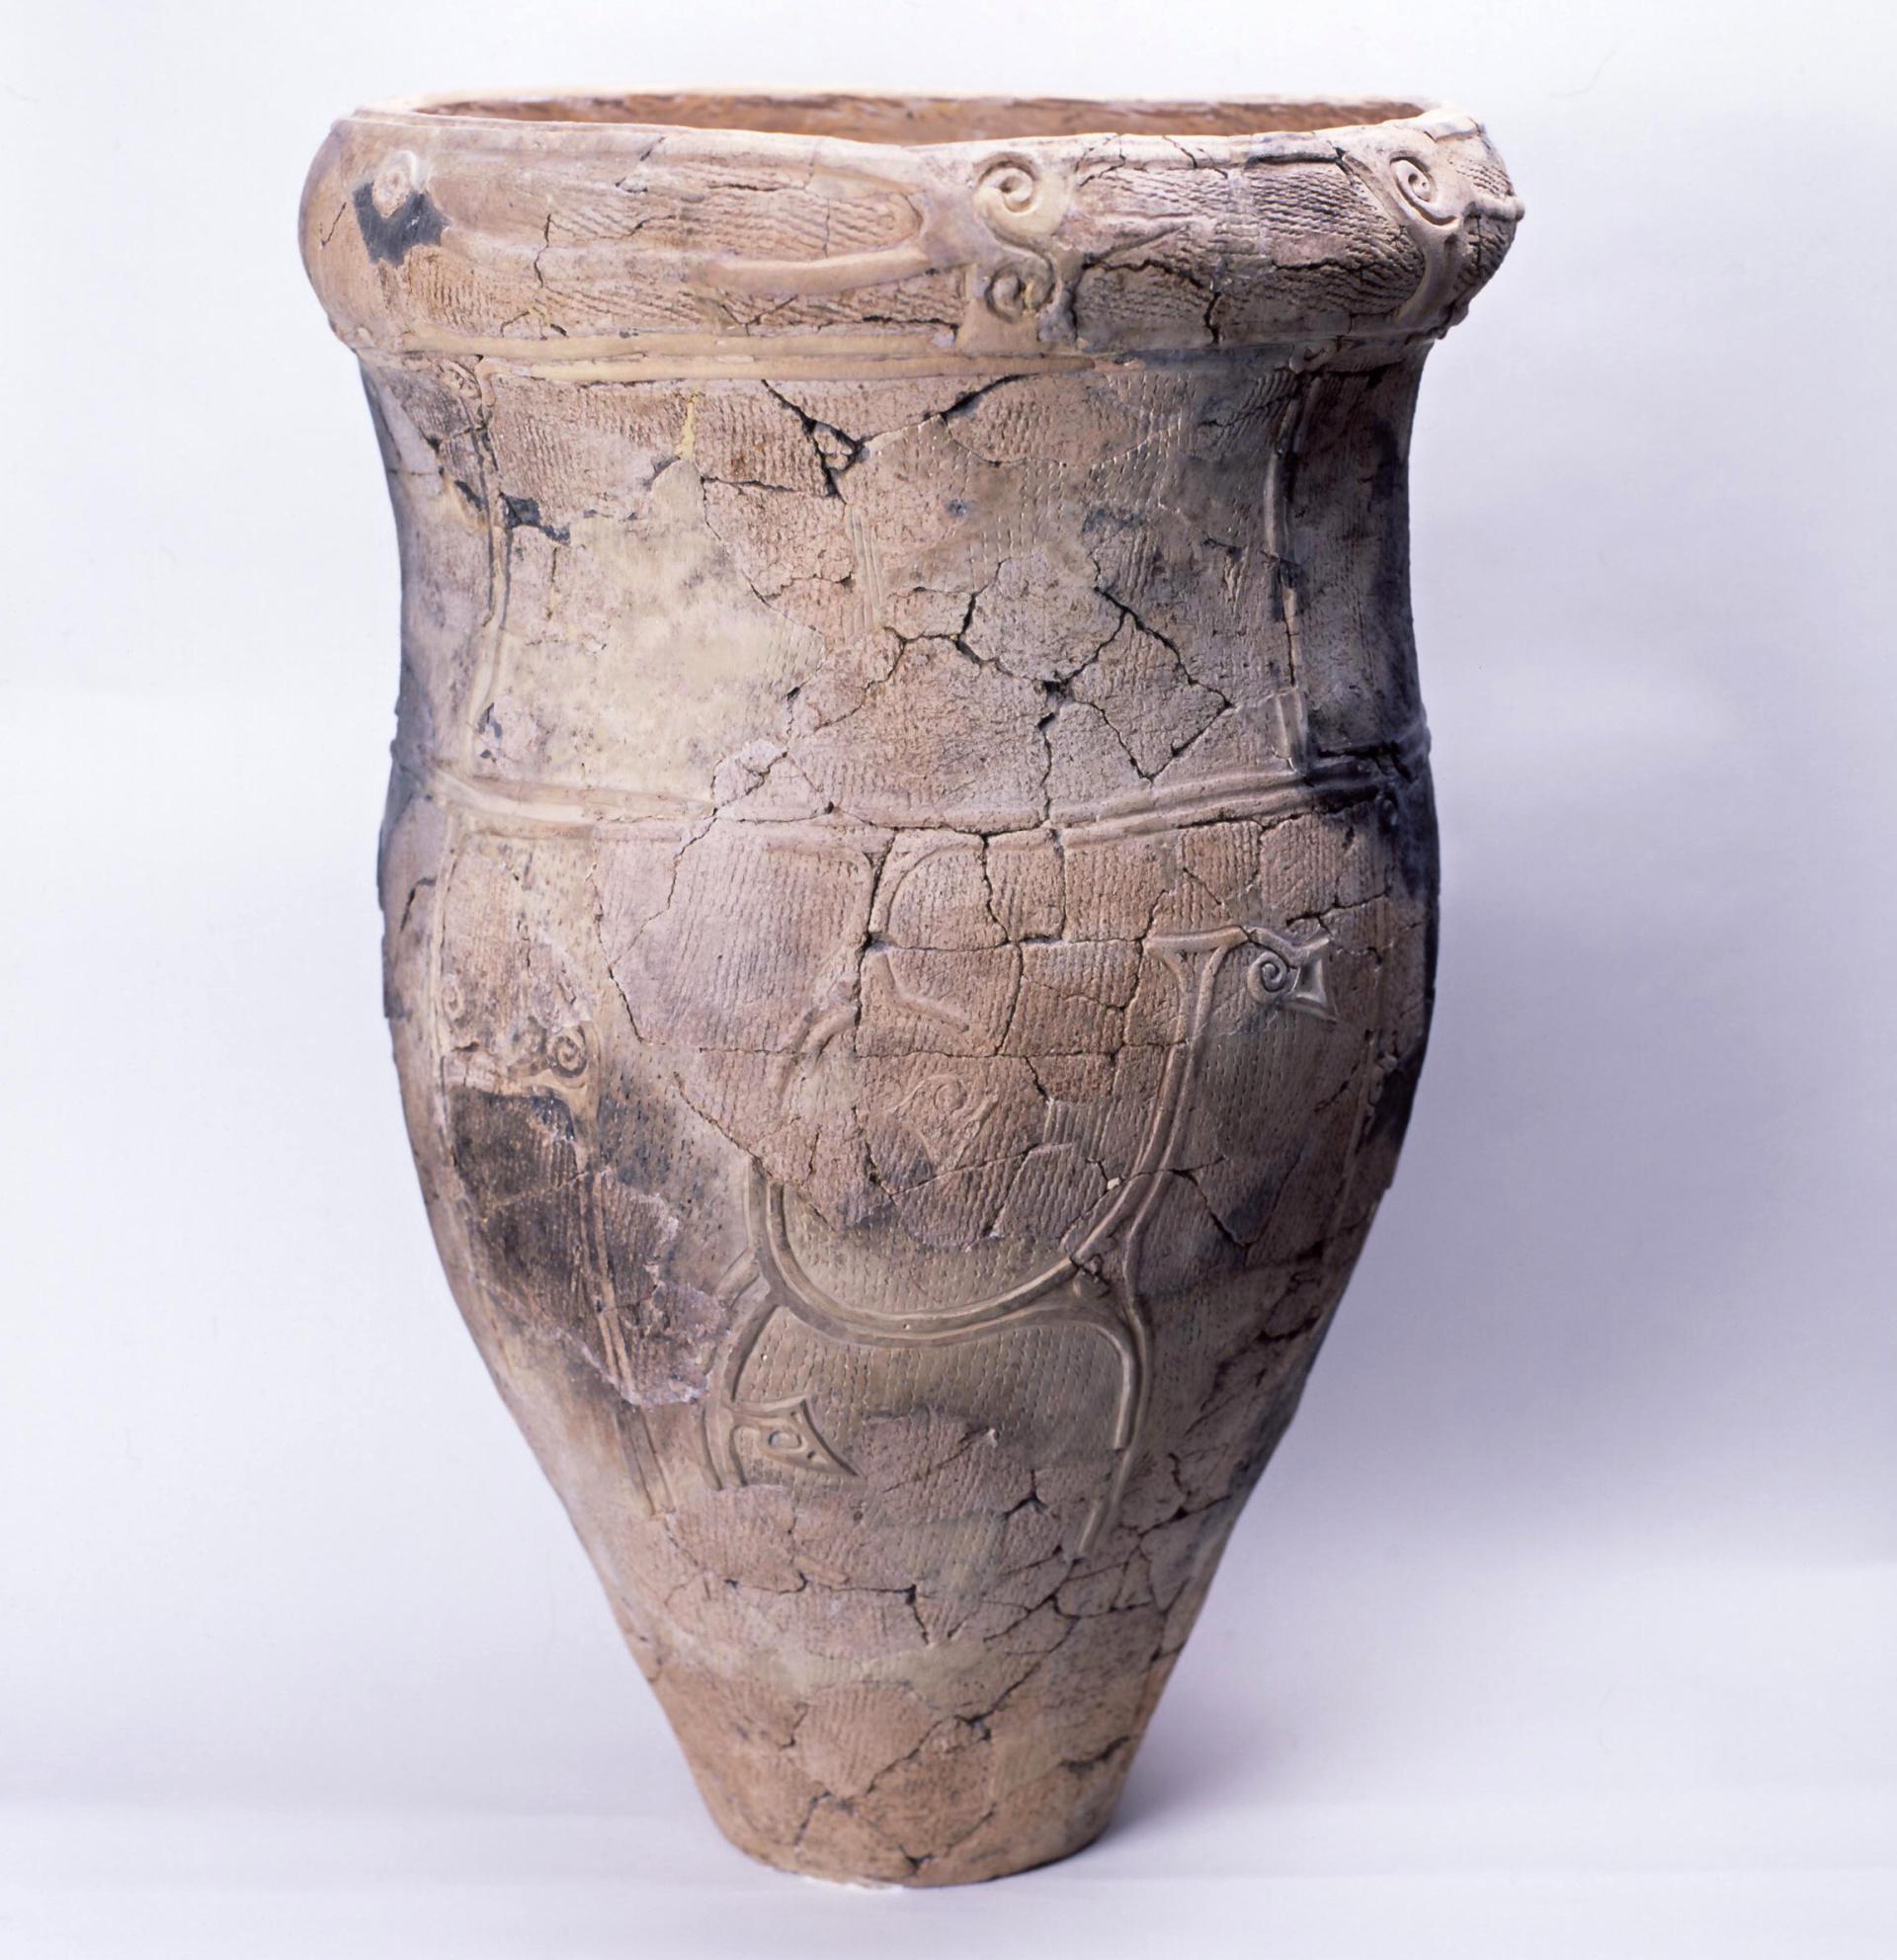 出土した大型深鉢形土器